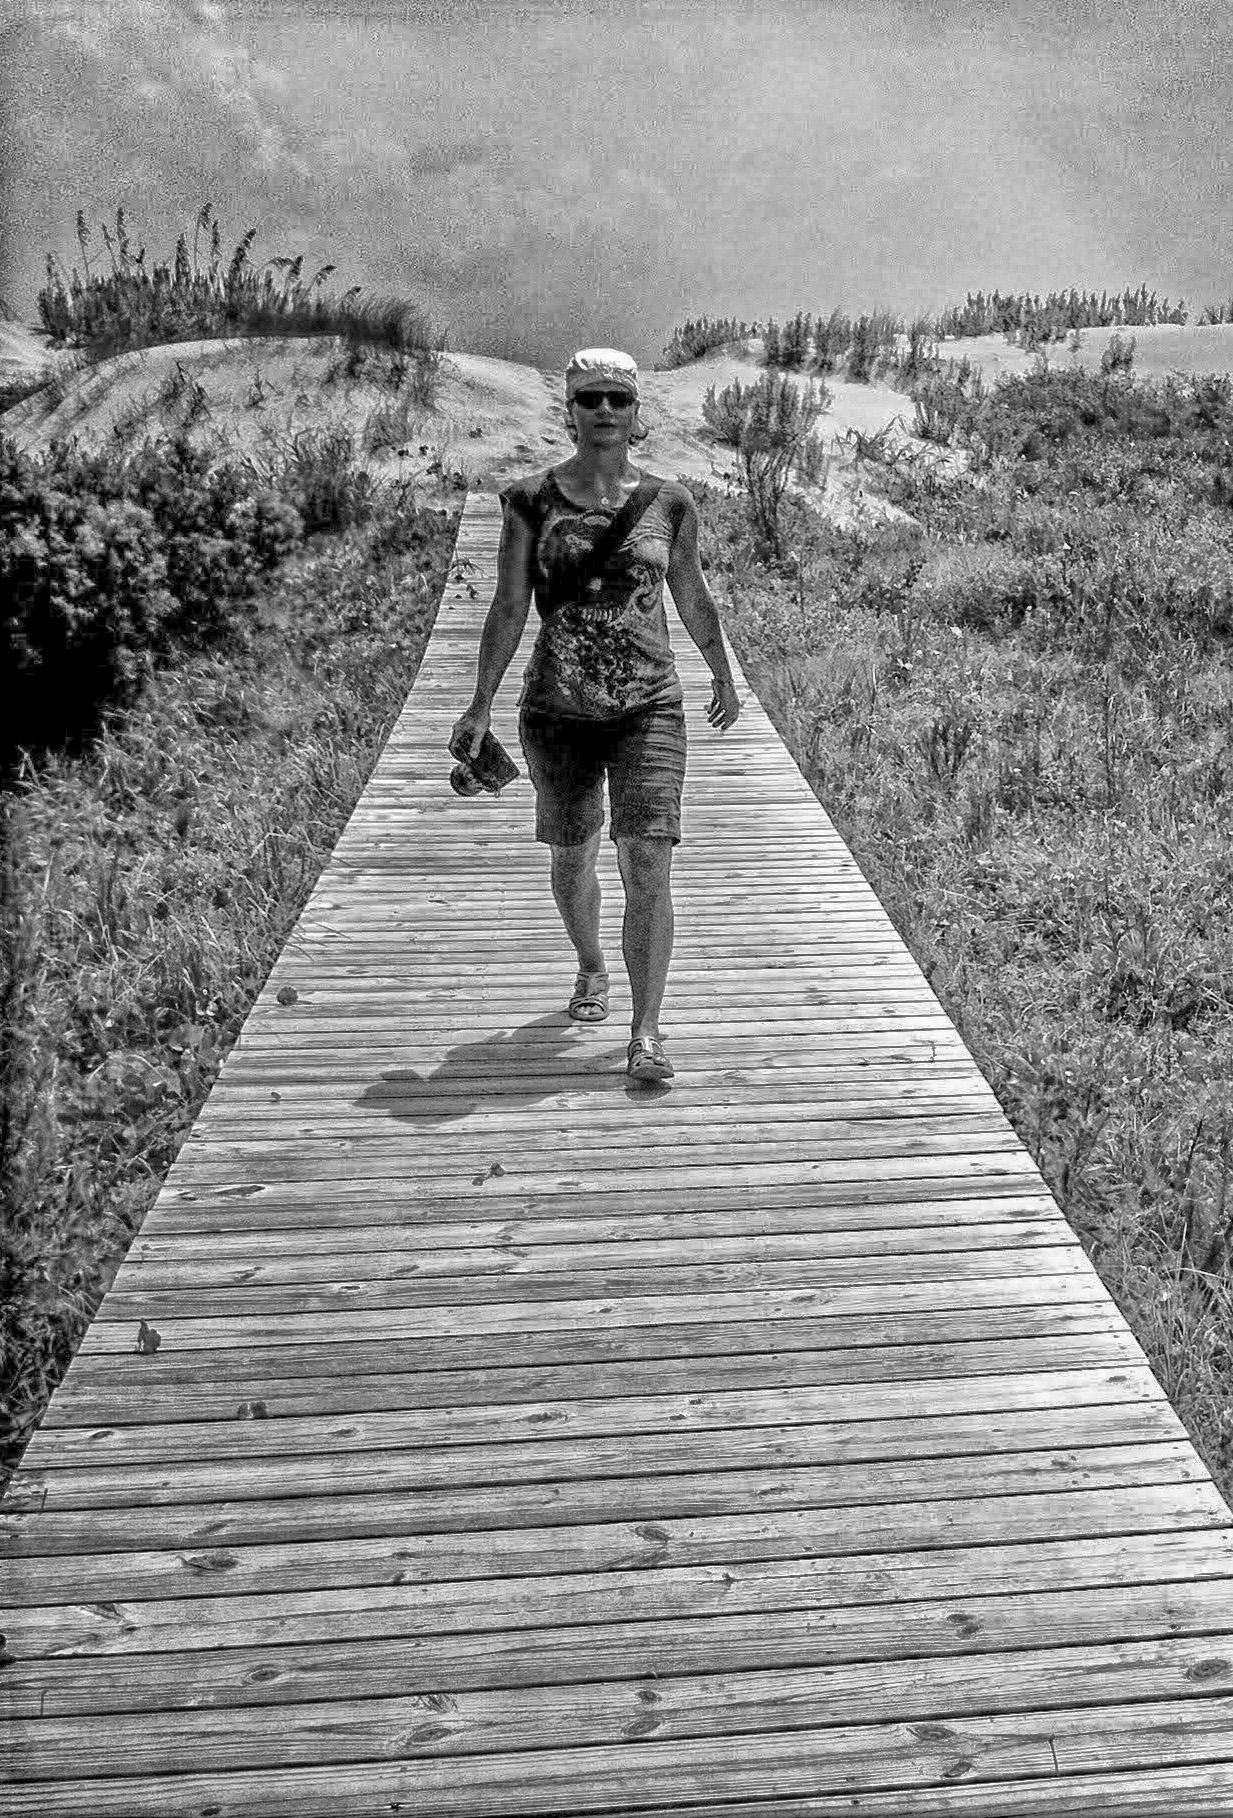 leni J photo walking with camera